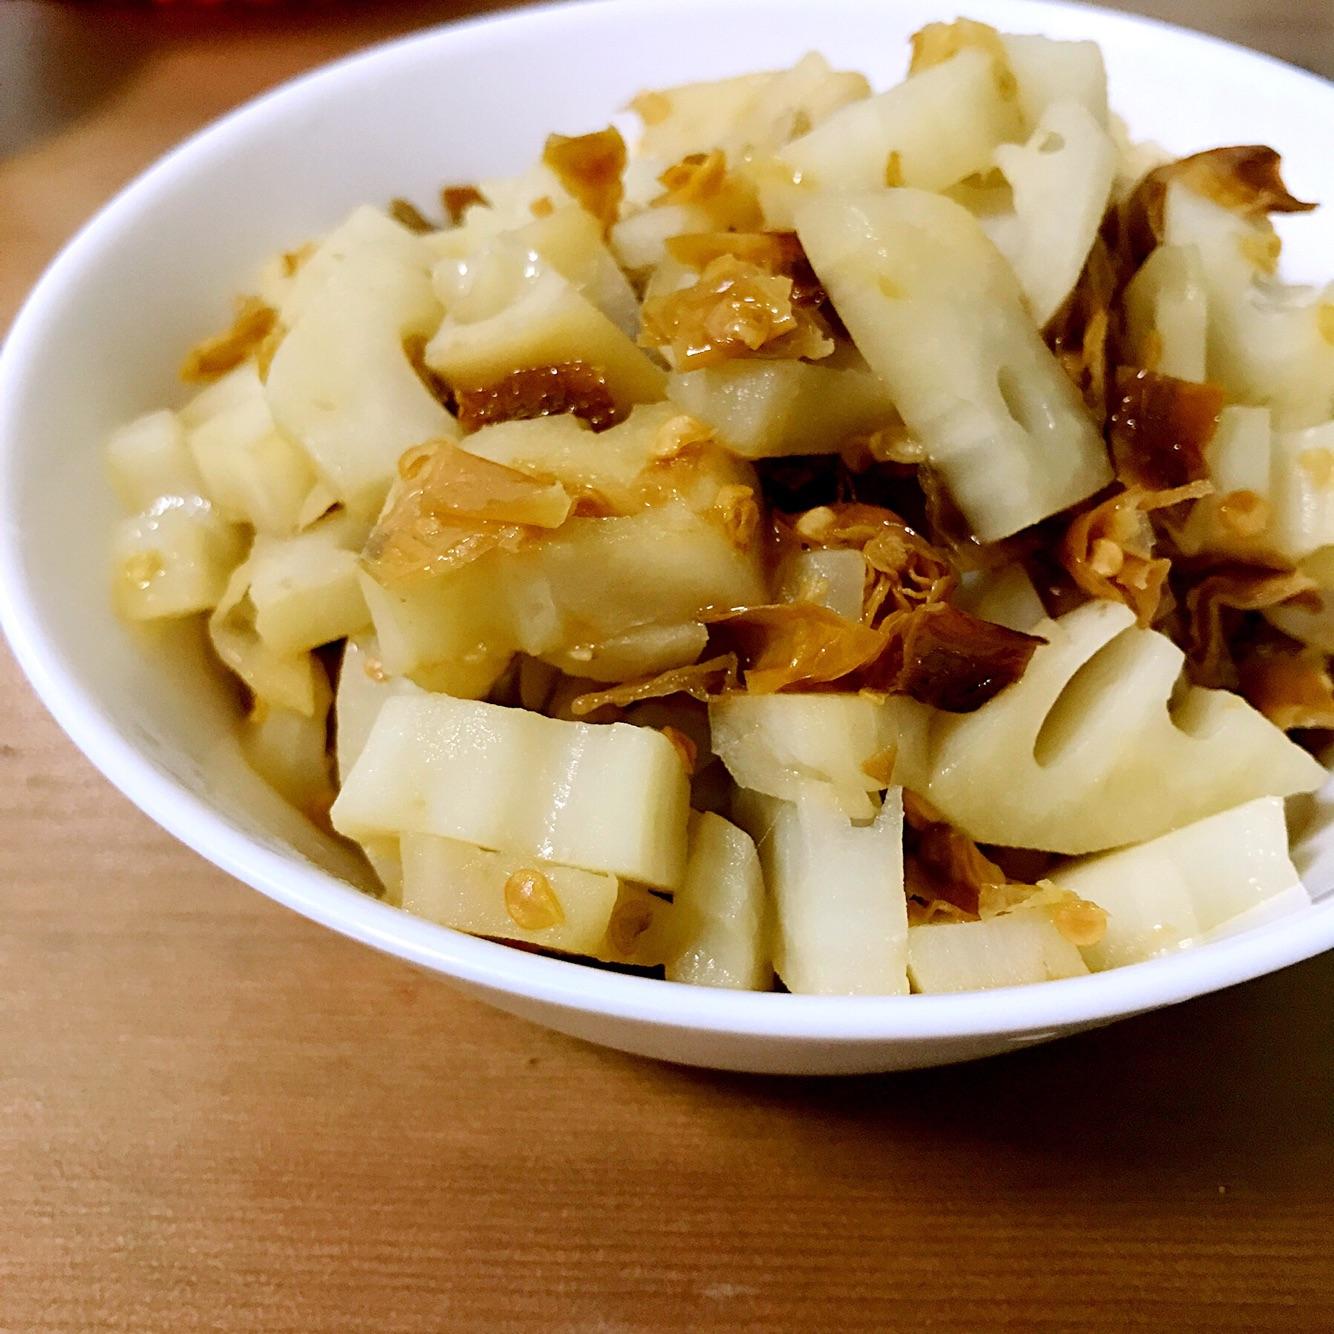 白辣椒炒藕丁的做法_【图解】白辣椒炒藕丁怎么做如何